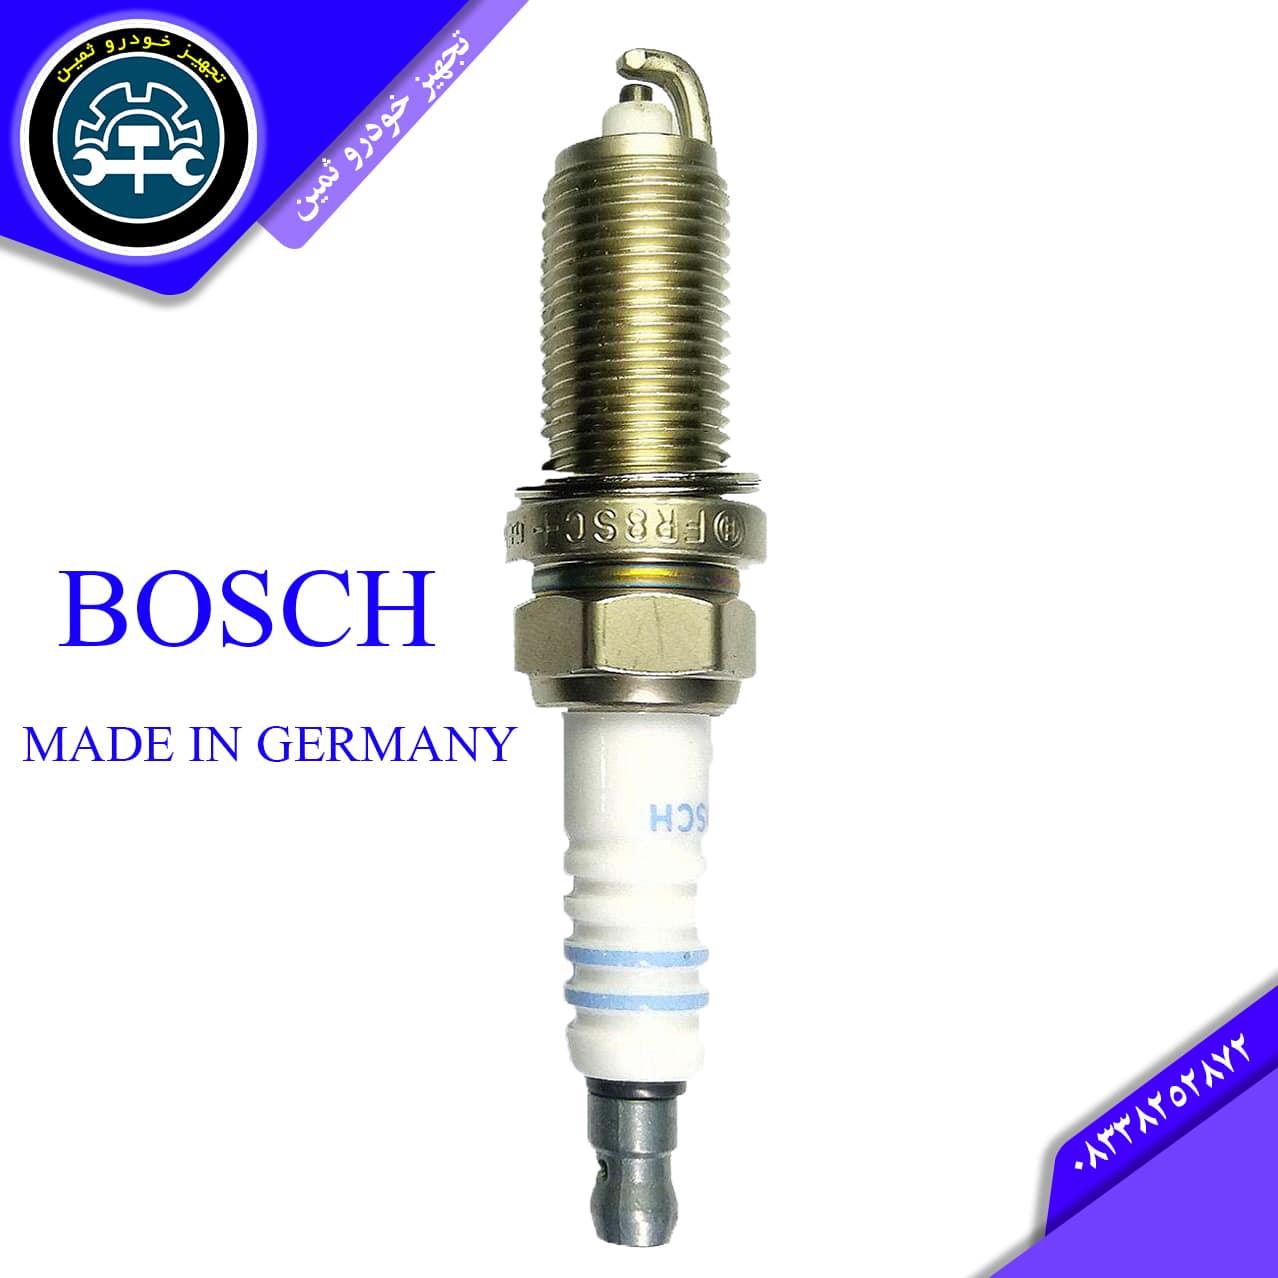 قیمت فروش و خریدشمع بوش پایه بلند+42 BoschFR8SC